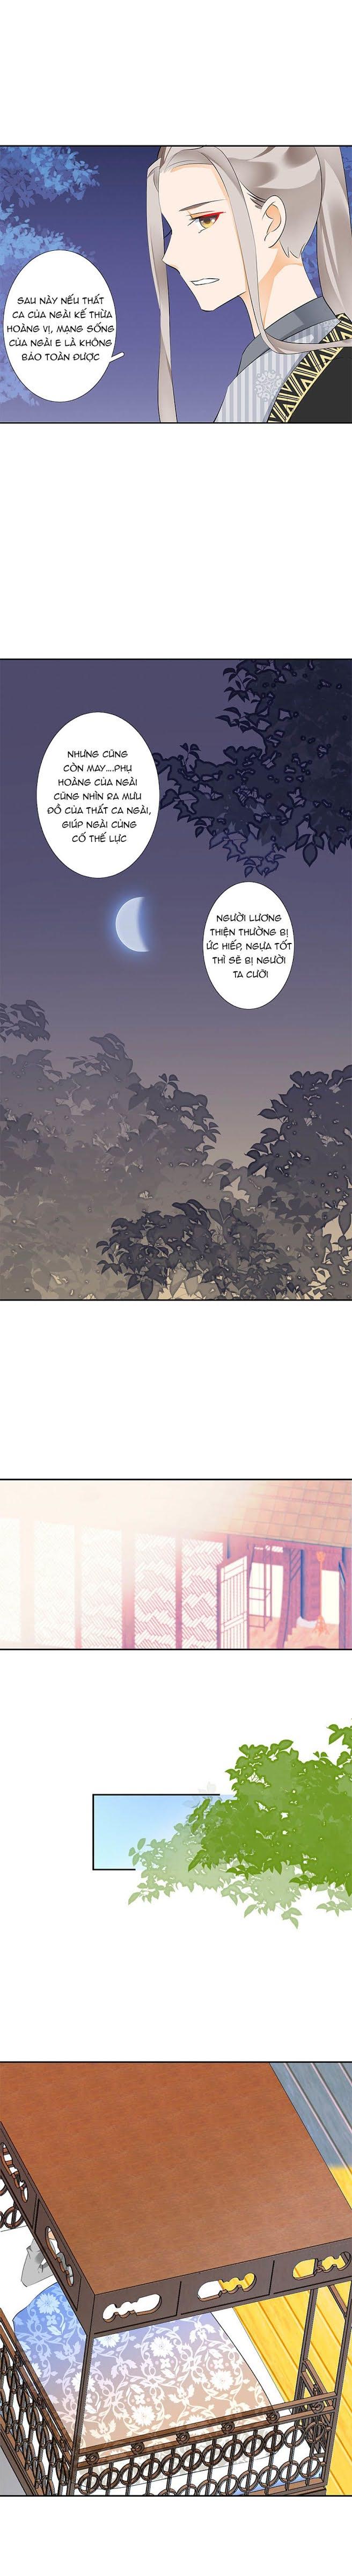 Yển Sư Yêu Hậu Chapter 16 - upload bởi truyensieuhay.com